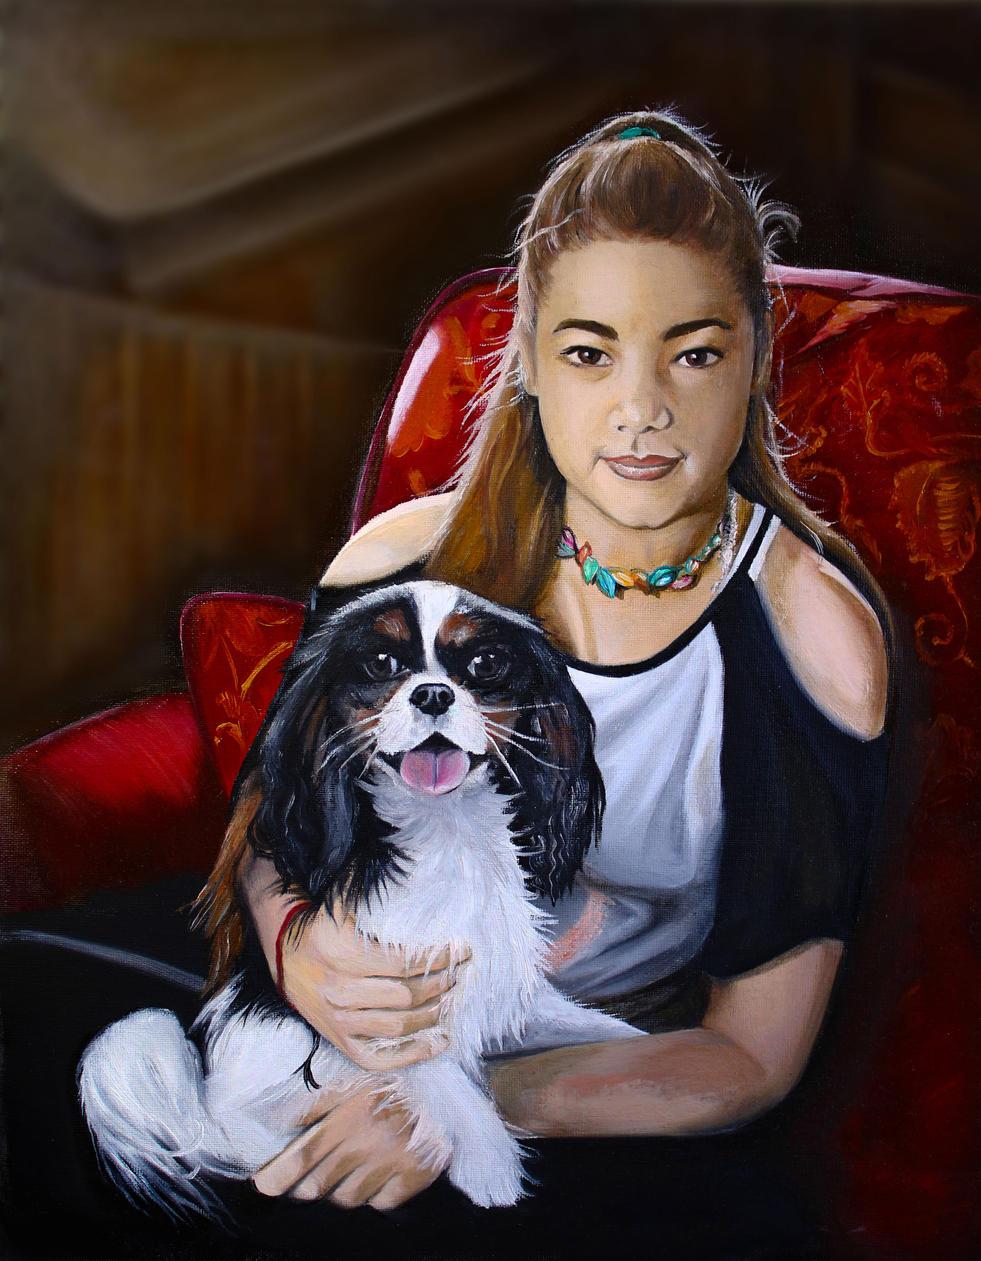 Girl with a dog.jpg